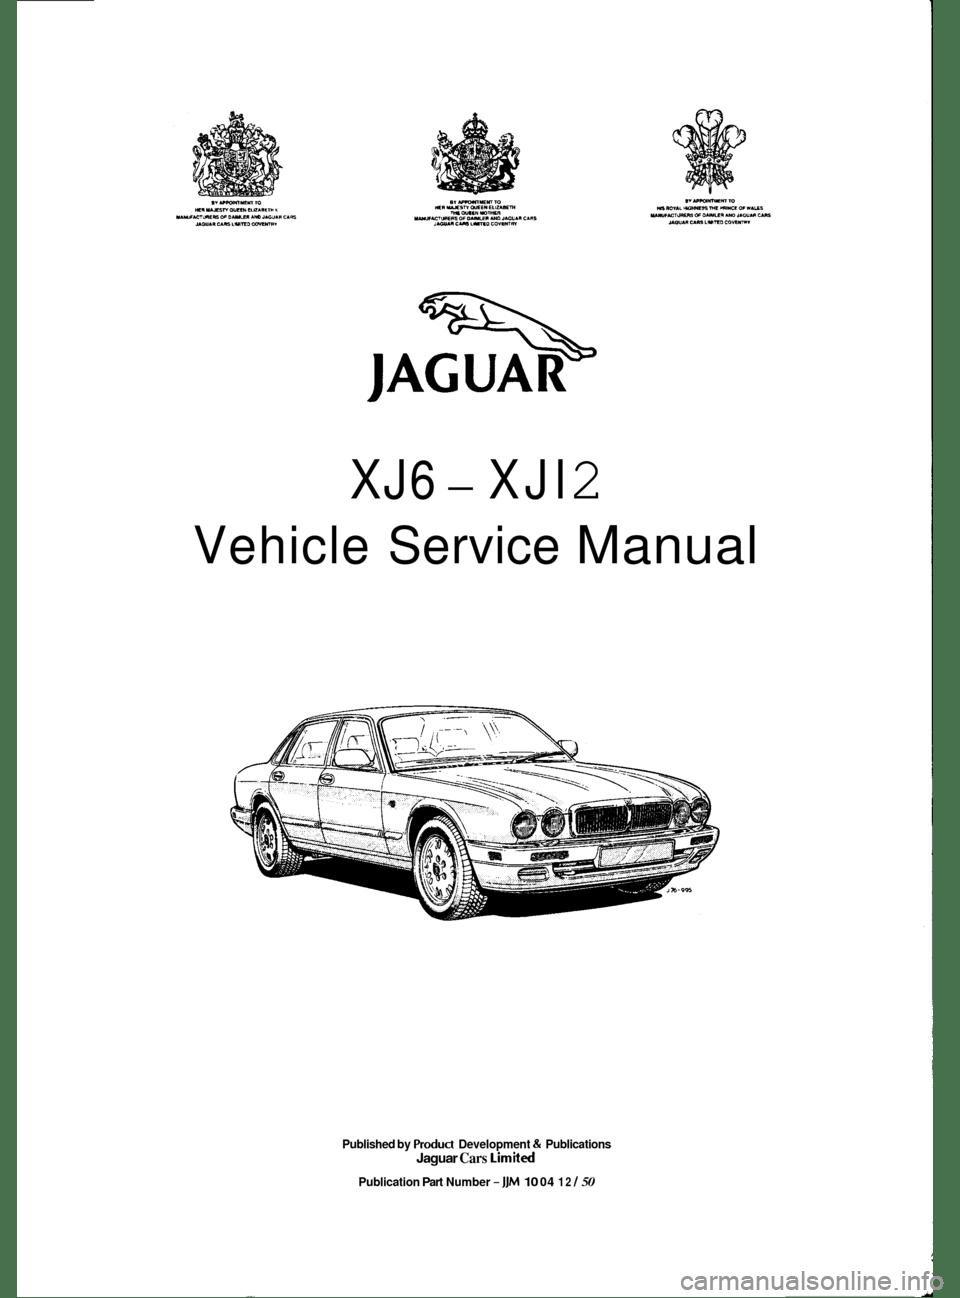 JAGUAR XJ6 1994 2.G Workshop Manual (521 Pages)